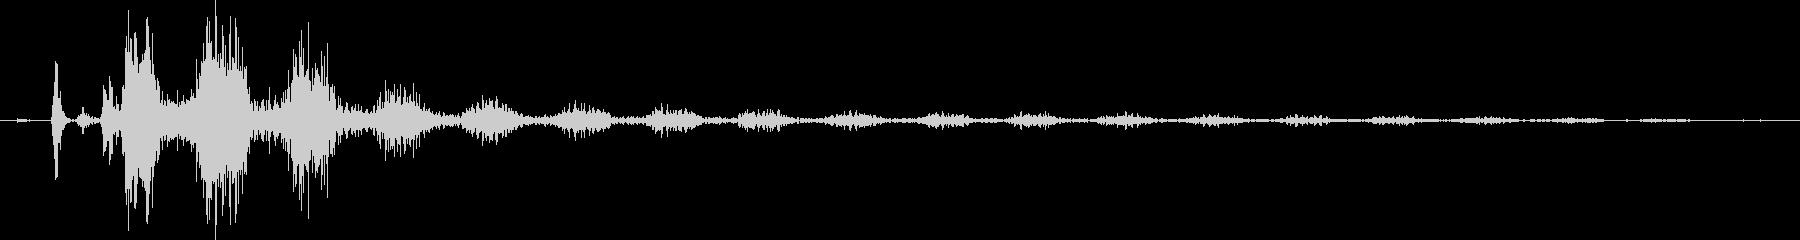 【エレキギター】クリーンストローク音の未再生の波形